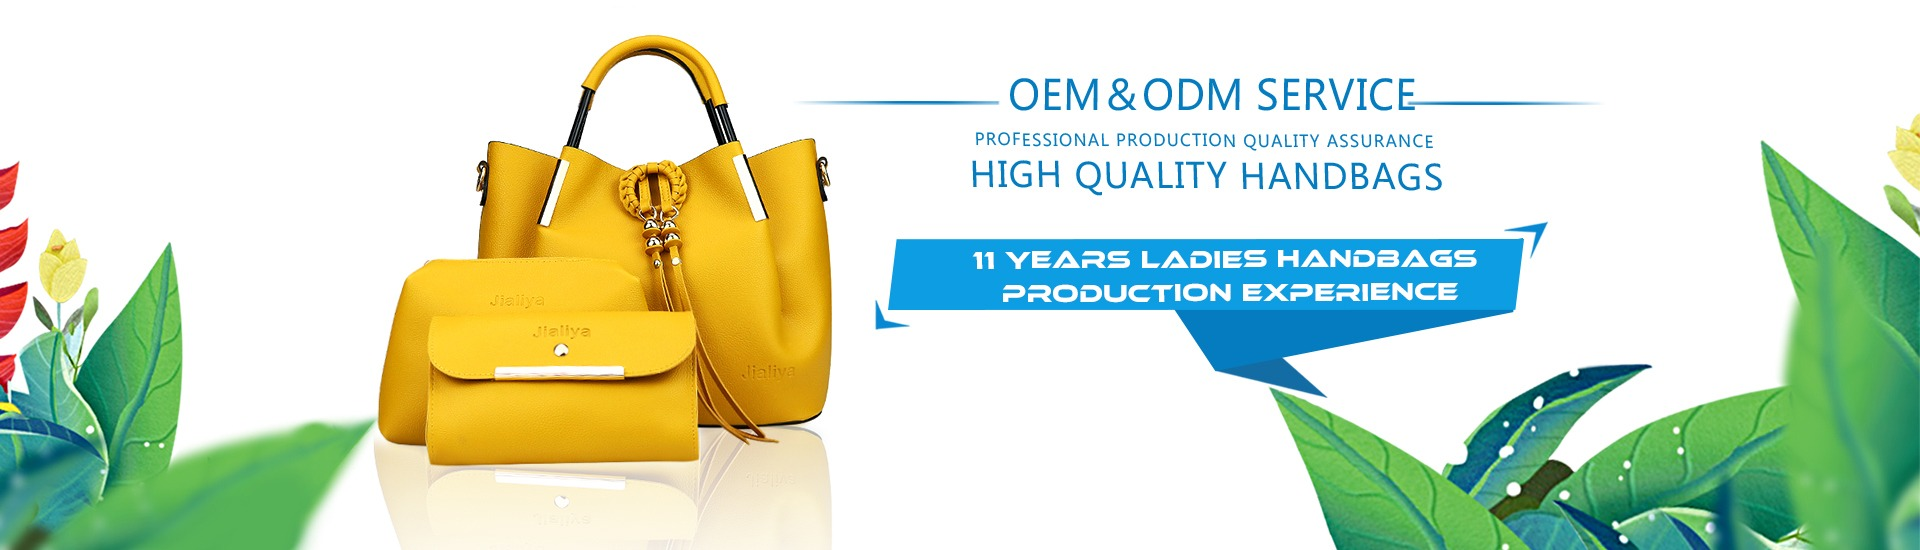 4eab4b09dc6 Guangzhou Jiali Leatherware Co., Ltd. - Women handbag set, Fashion ...